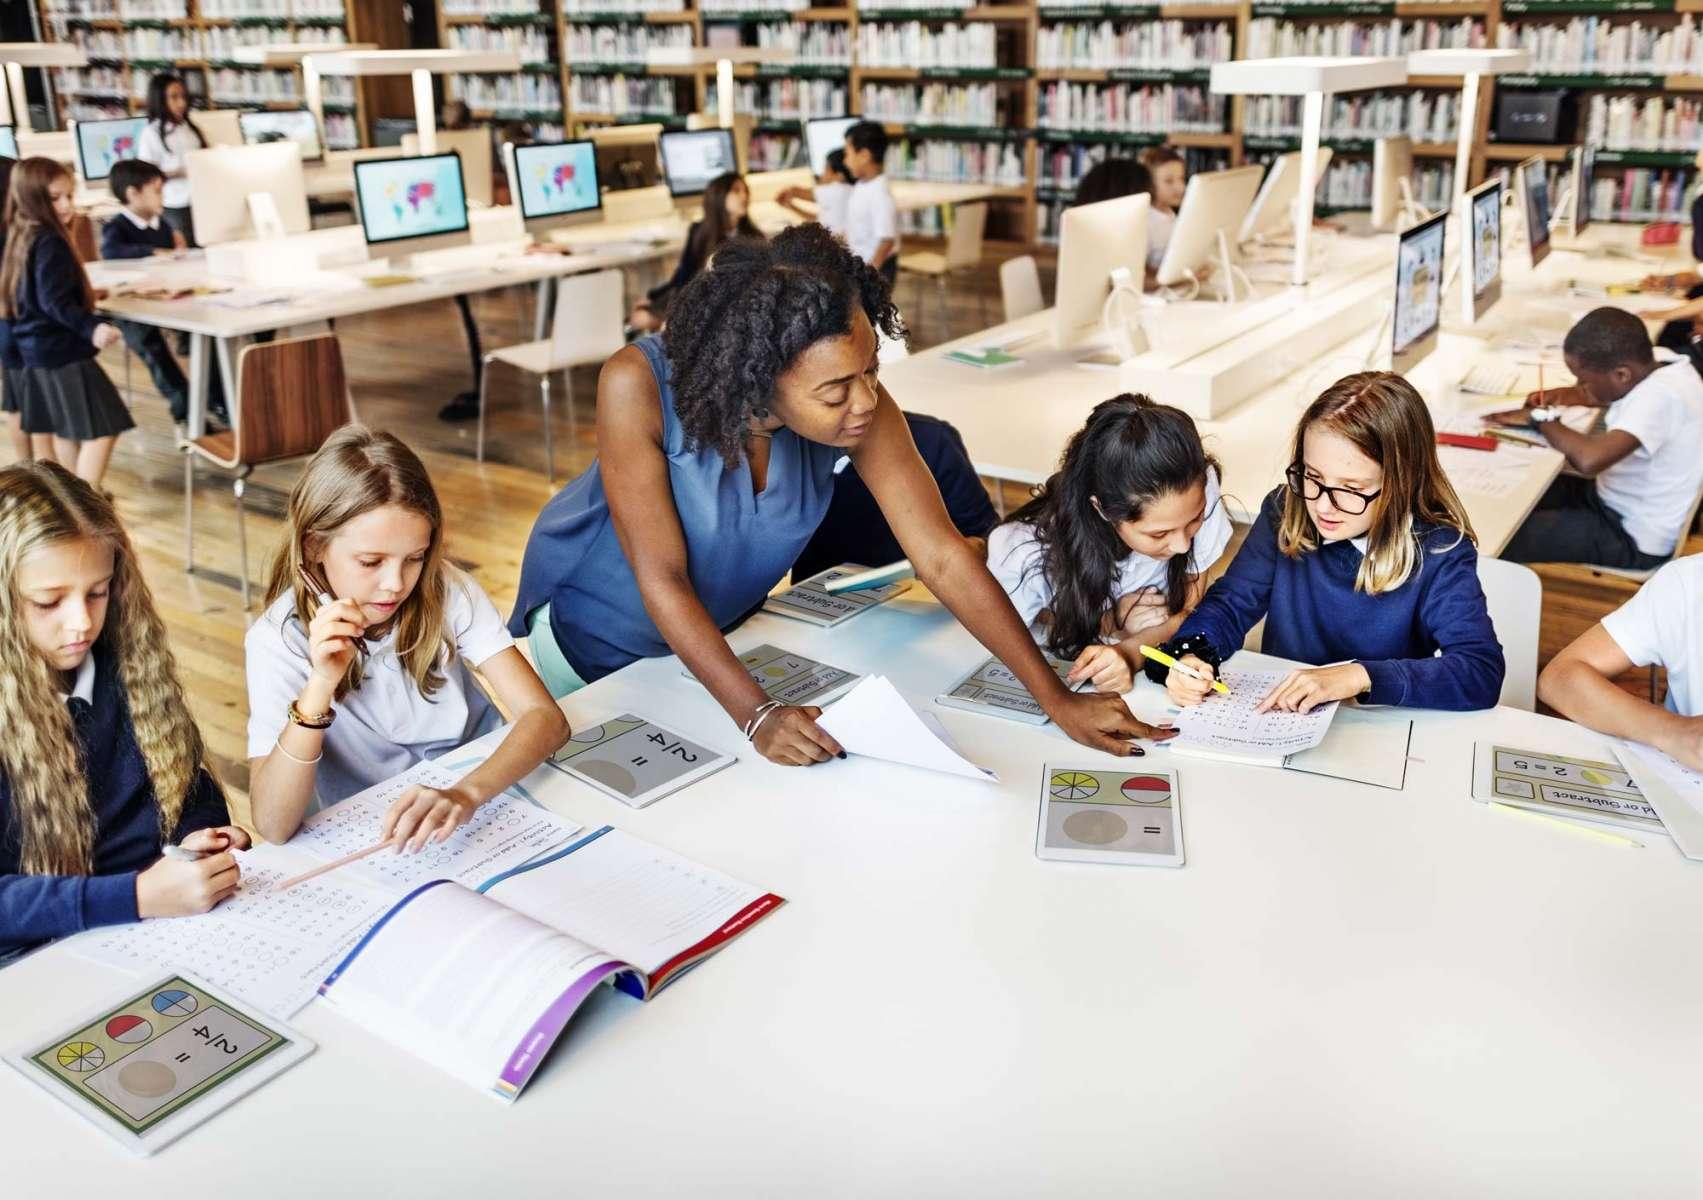 La crise servira d'opportunité pour la réinvention numérique de l'enseignement en Fédération Wallonie-Bruxelles